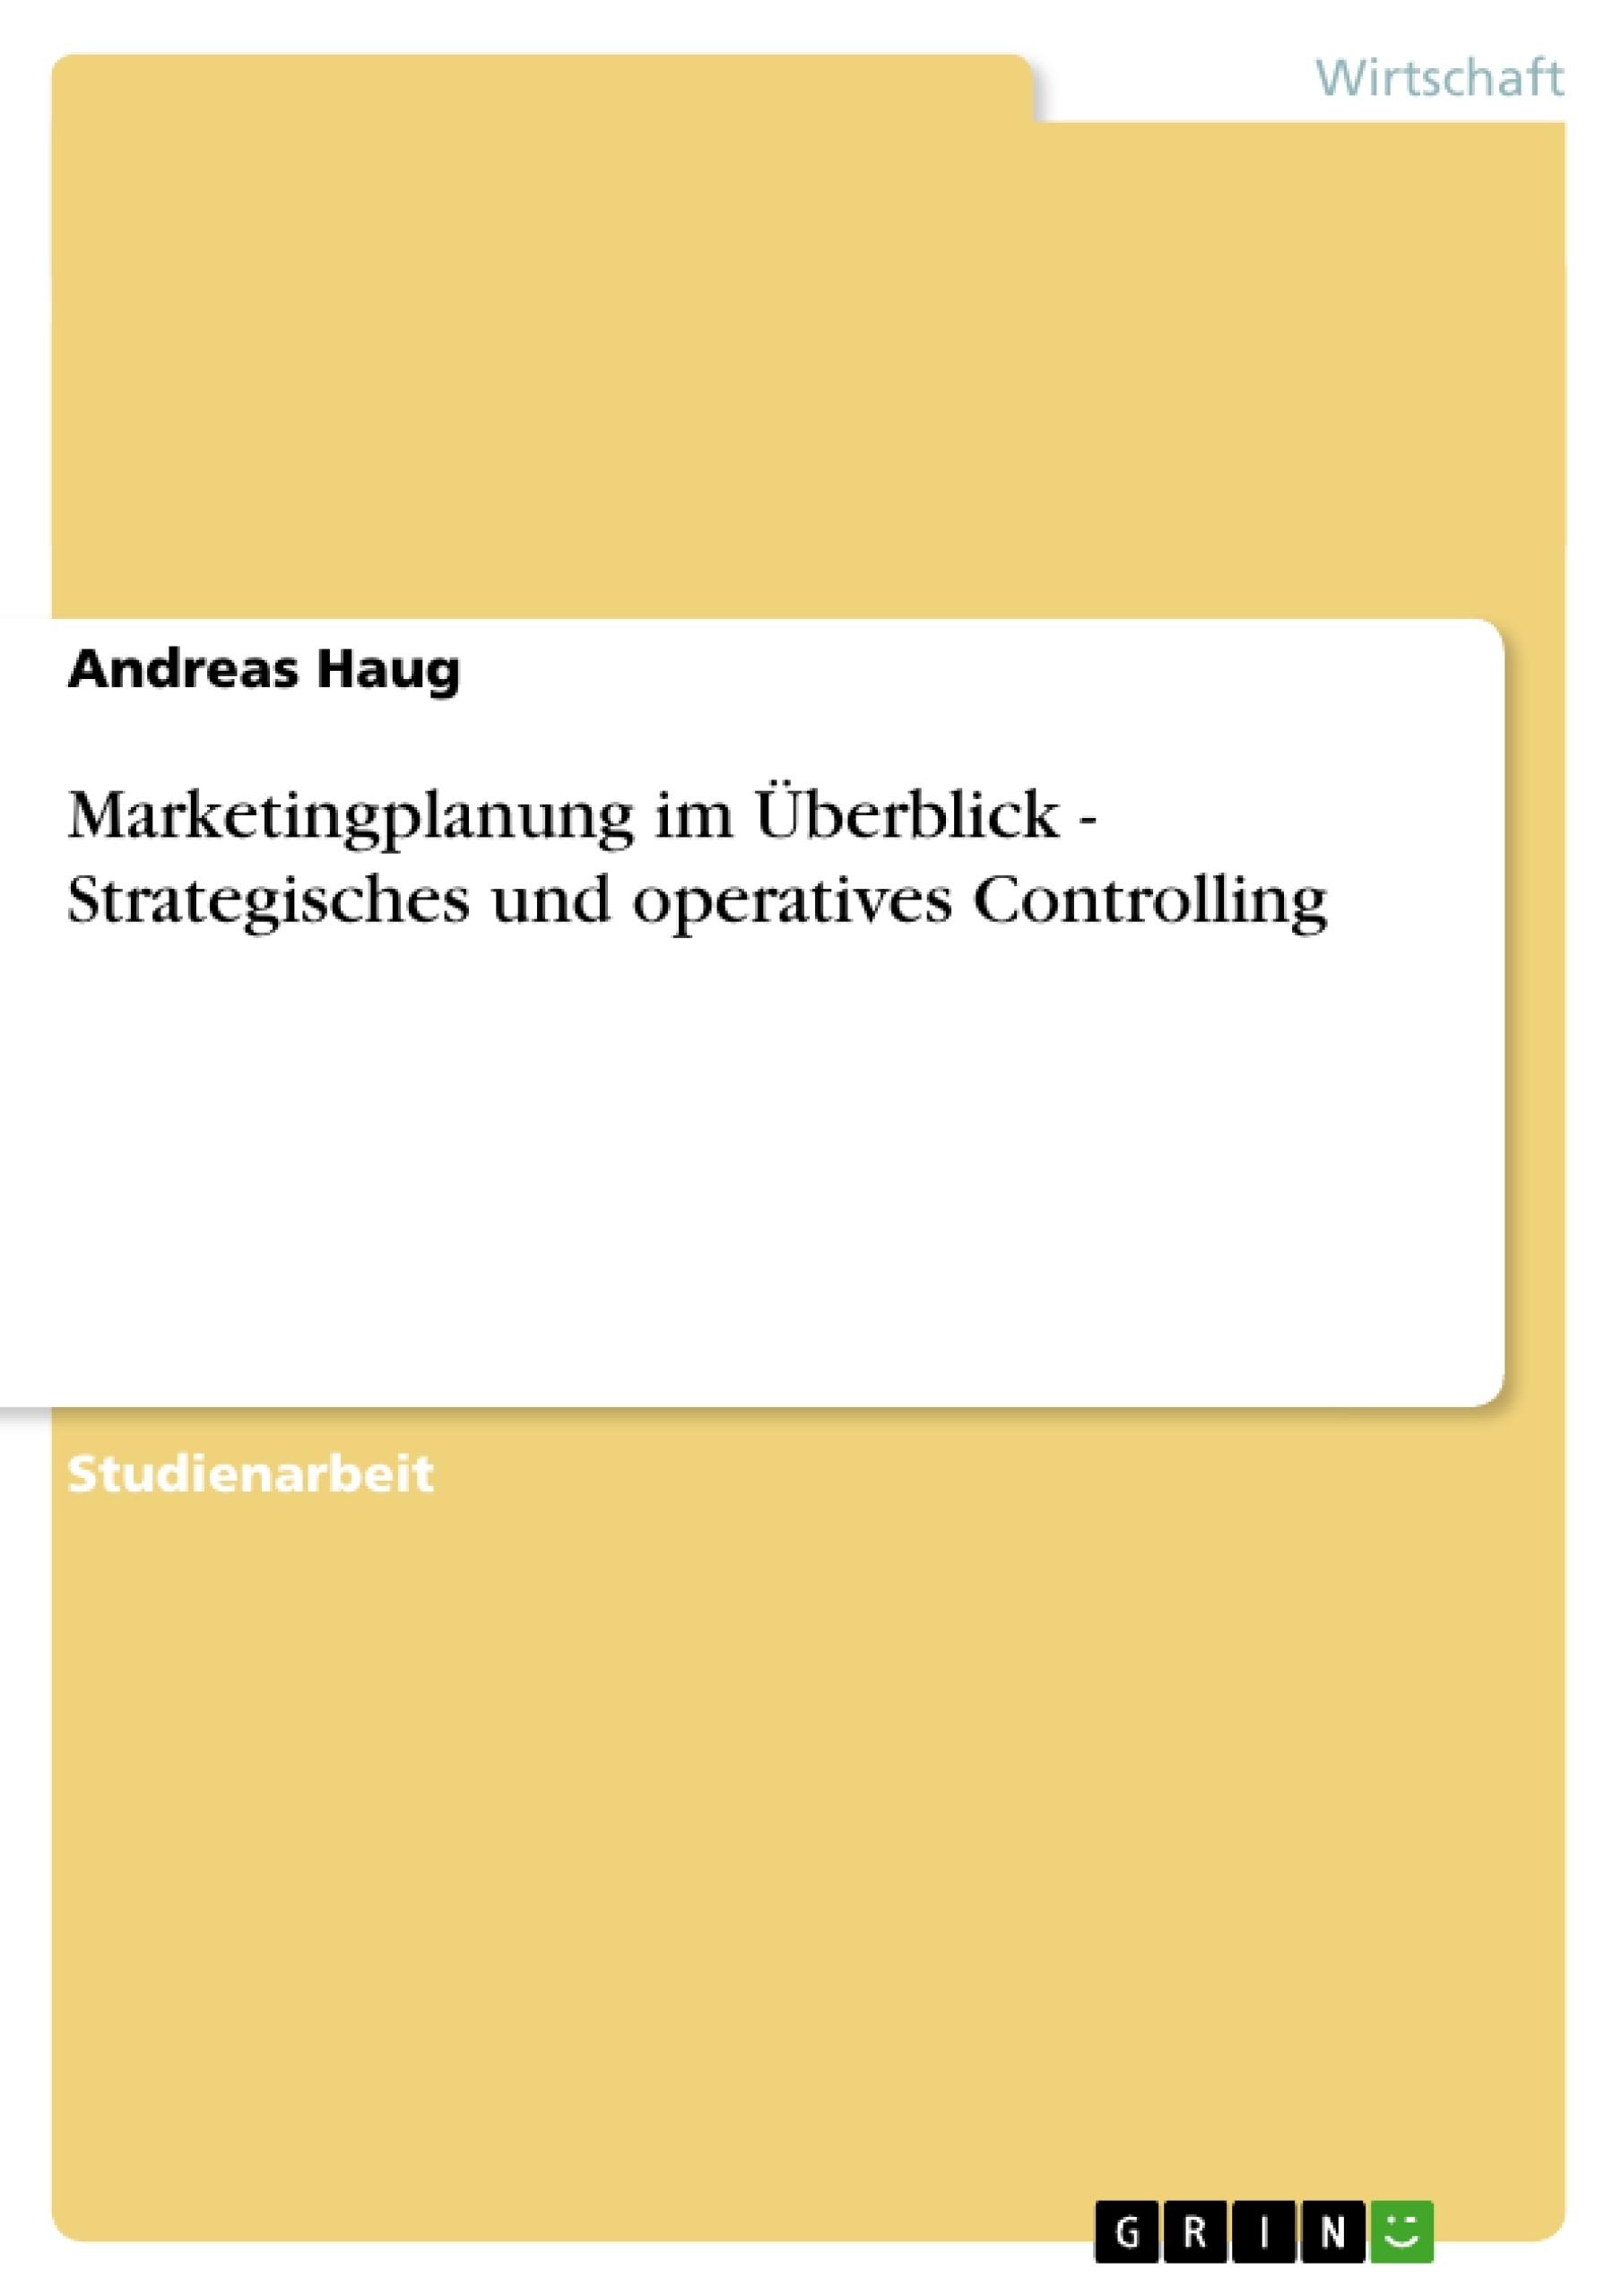 Titel: Marketingplanung im Überblick - Strategisches und operatives Controlling